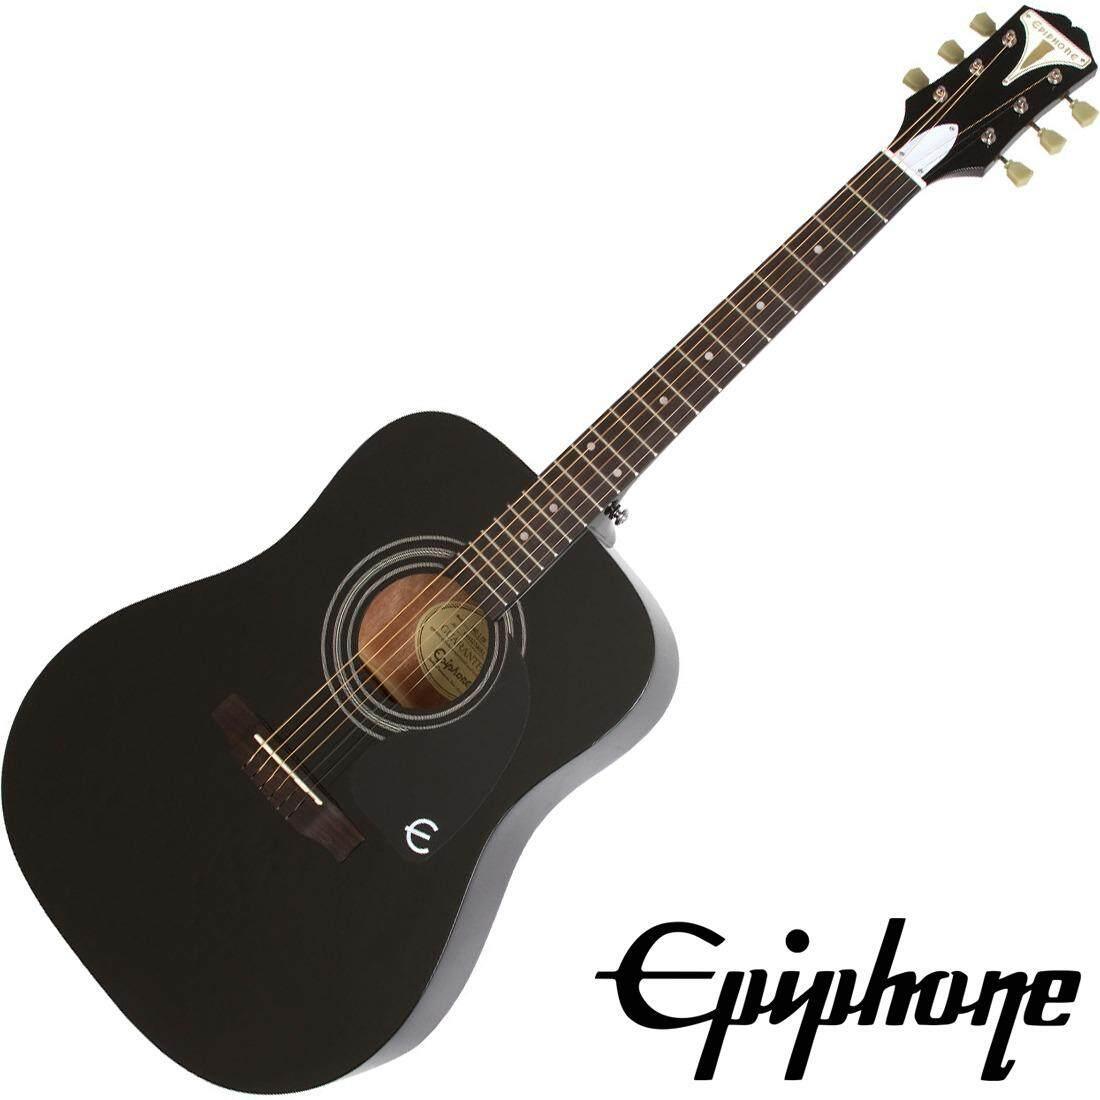 ราคา Epiphone® กีตาร์โปร่ง 41 ทรง Dreadnought รุ่น Pro 1 ใหม่ ถูก